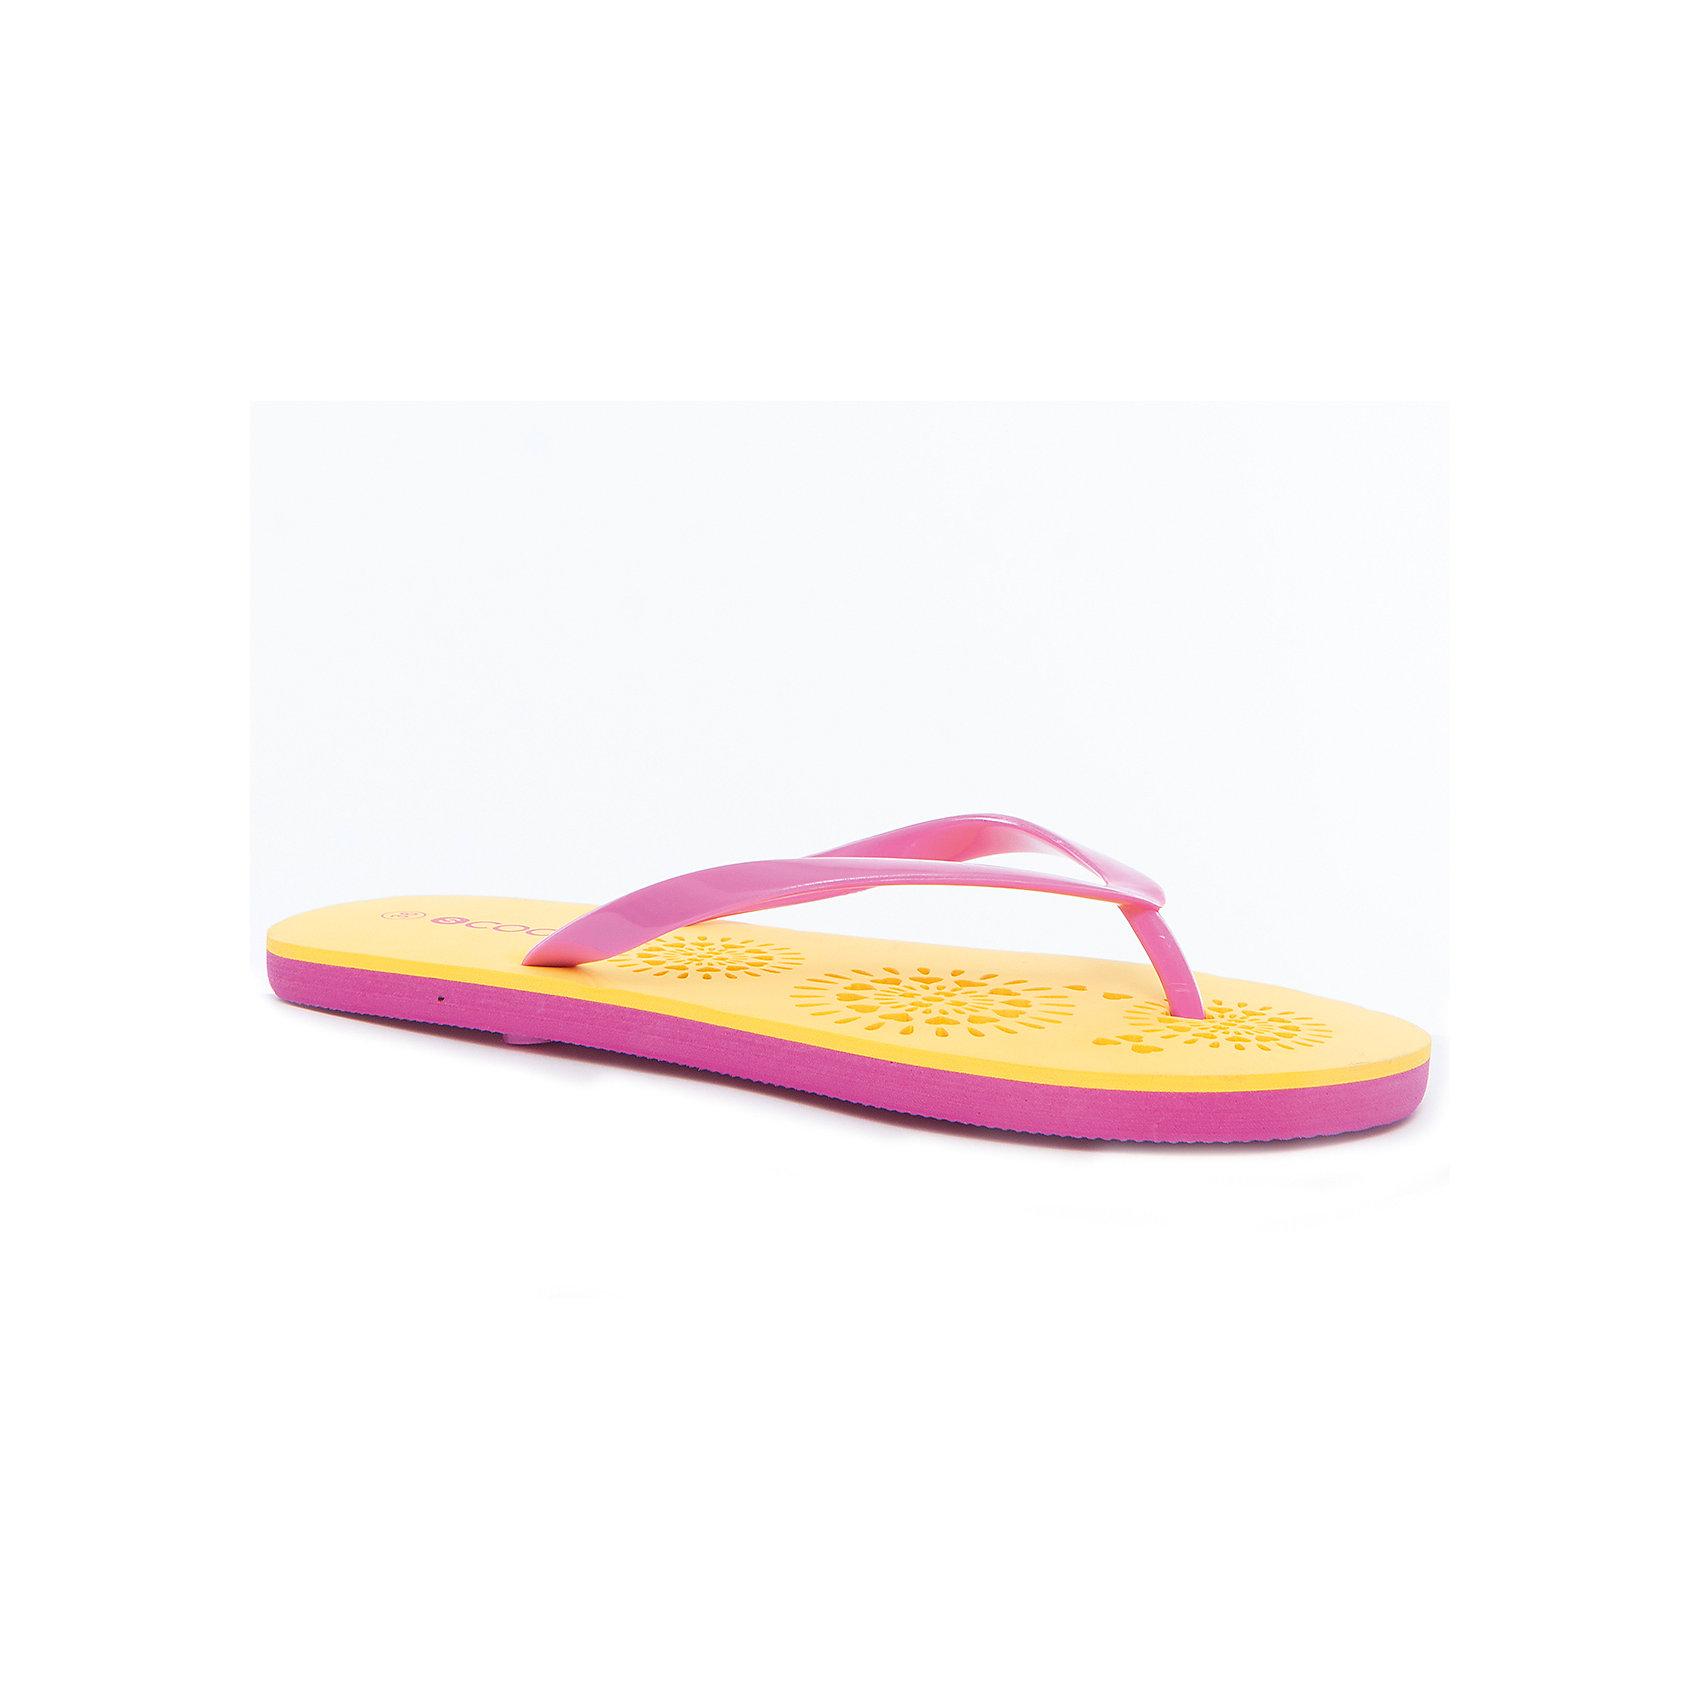 Шлепанцы для девочки ScoolПляжная обувь<br>Пантолеты для девочки Scool<br>Модель выполнена из мягкого водонепроницаемого материала. Контрасный рисунок подошвы выгодно отличает данное изделие<br>Состав:<br>100% этилвинилацетат<br><br>Ширина мм: 225<br>Глубина мм: 139<br>Высота мм: 112<br>Вес г: 290<br>Цвет: разноцветный<br>Возраст от месяцев: 168<br>Возраст до месяцев: 192<br>Пол: Женский<br>Возраст: Детский<br>Размер: 40,39,36,37,38<br>SKU: 5407121